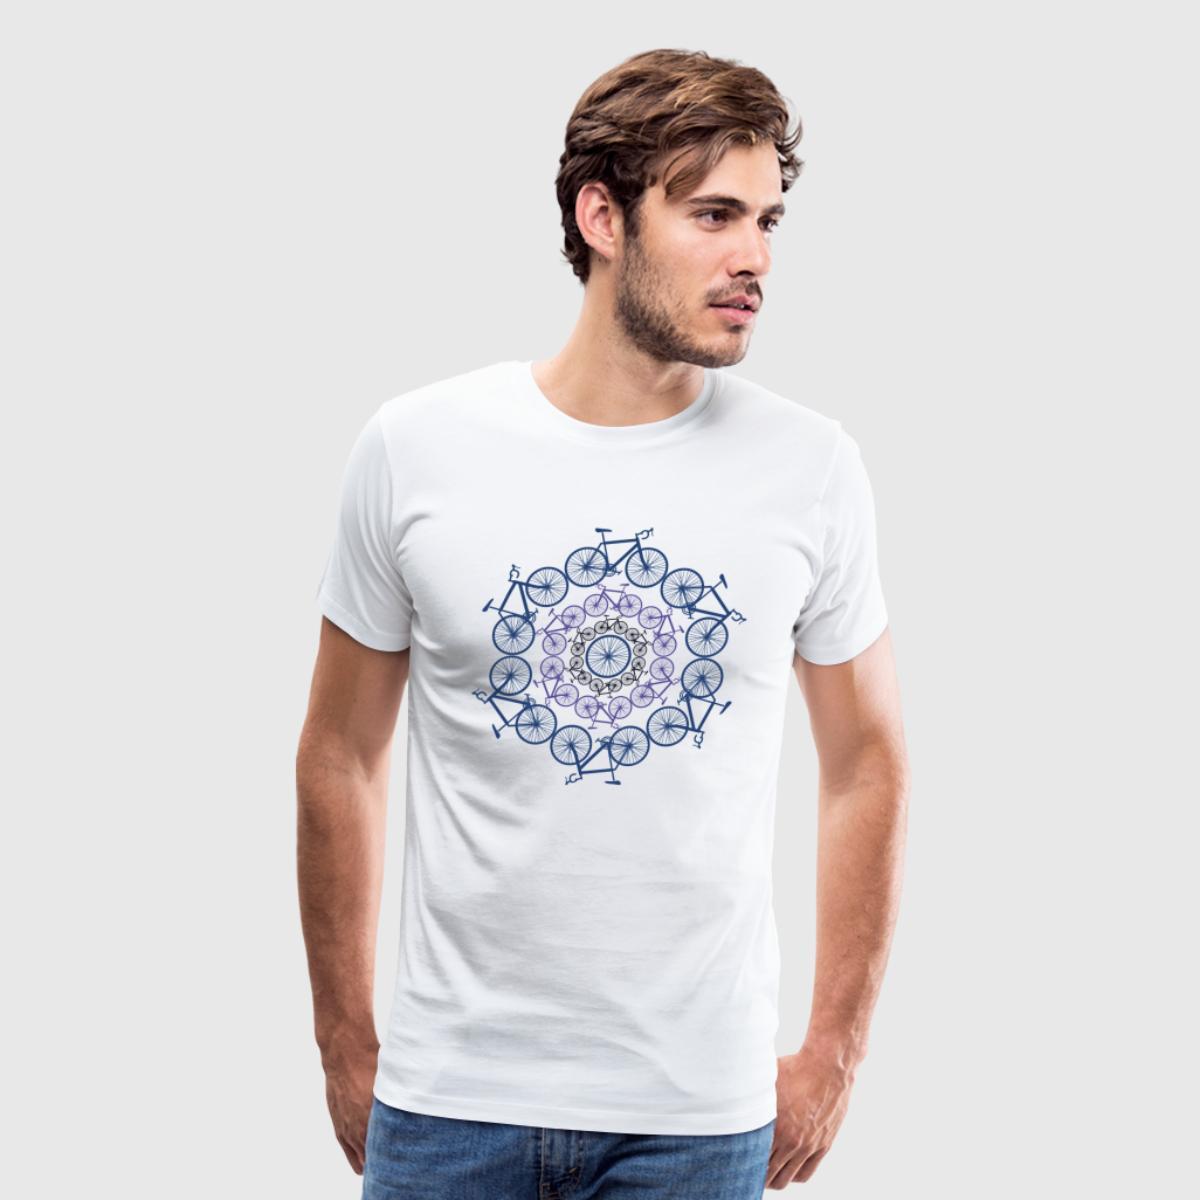 e4e0490ee Funny Cycling T Shirts Australia